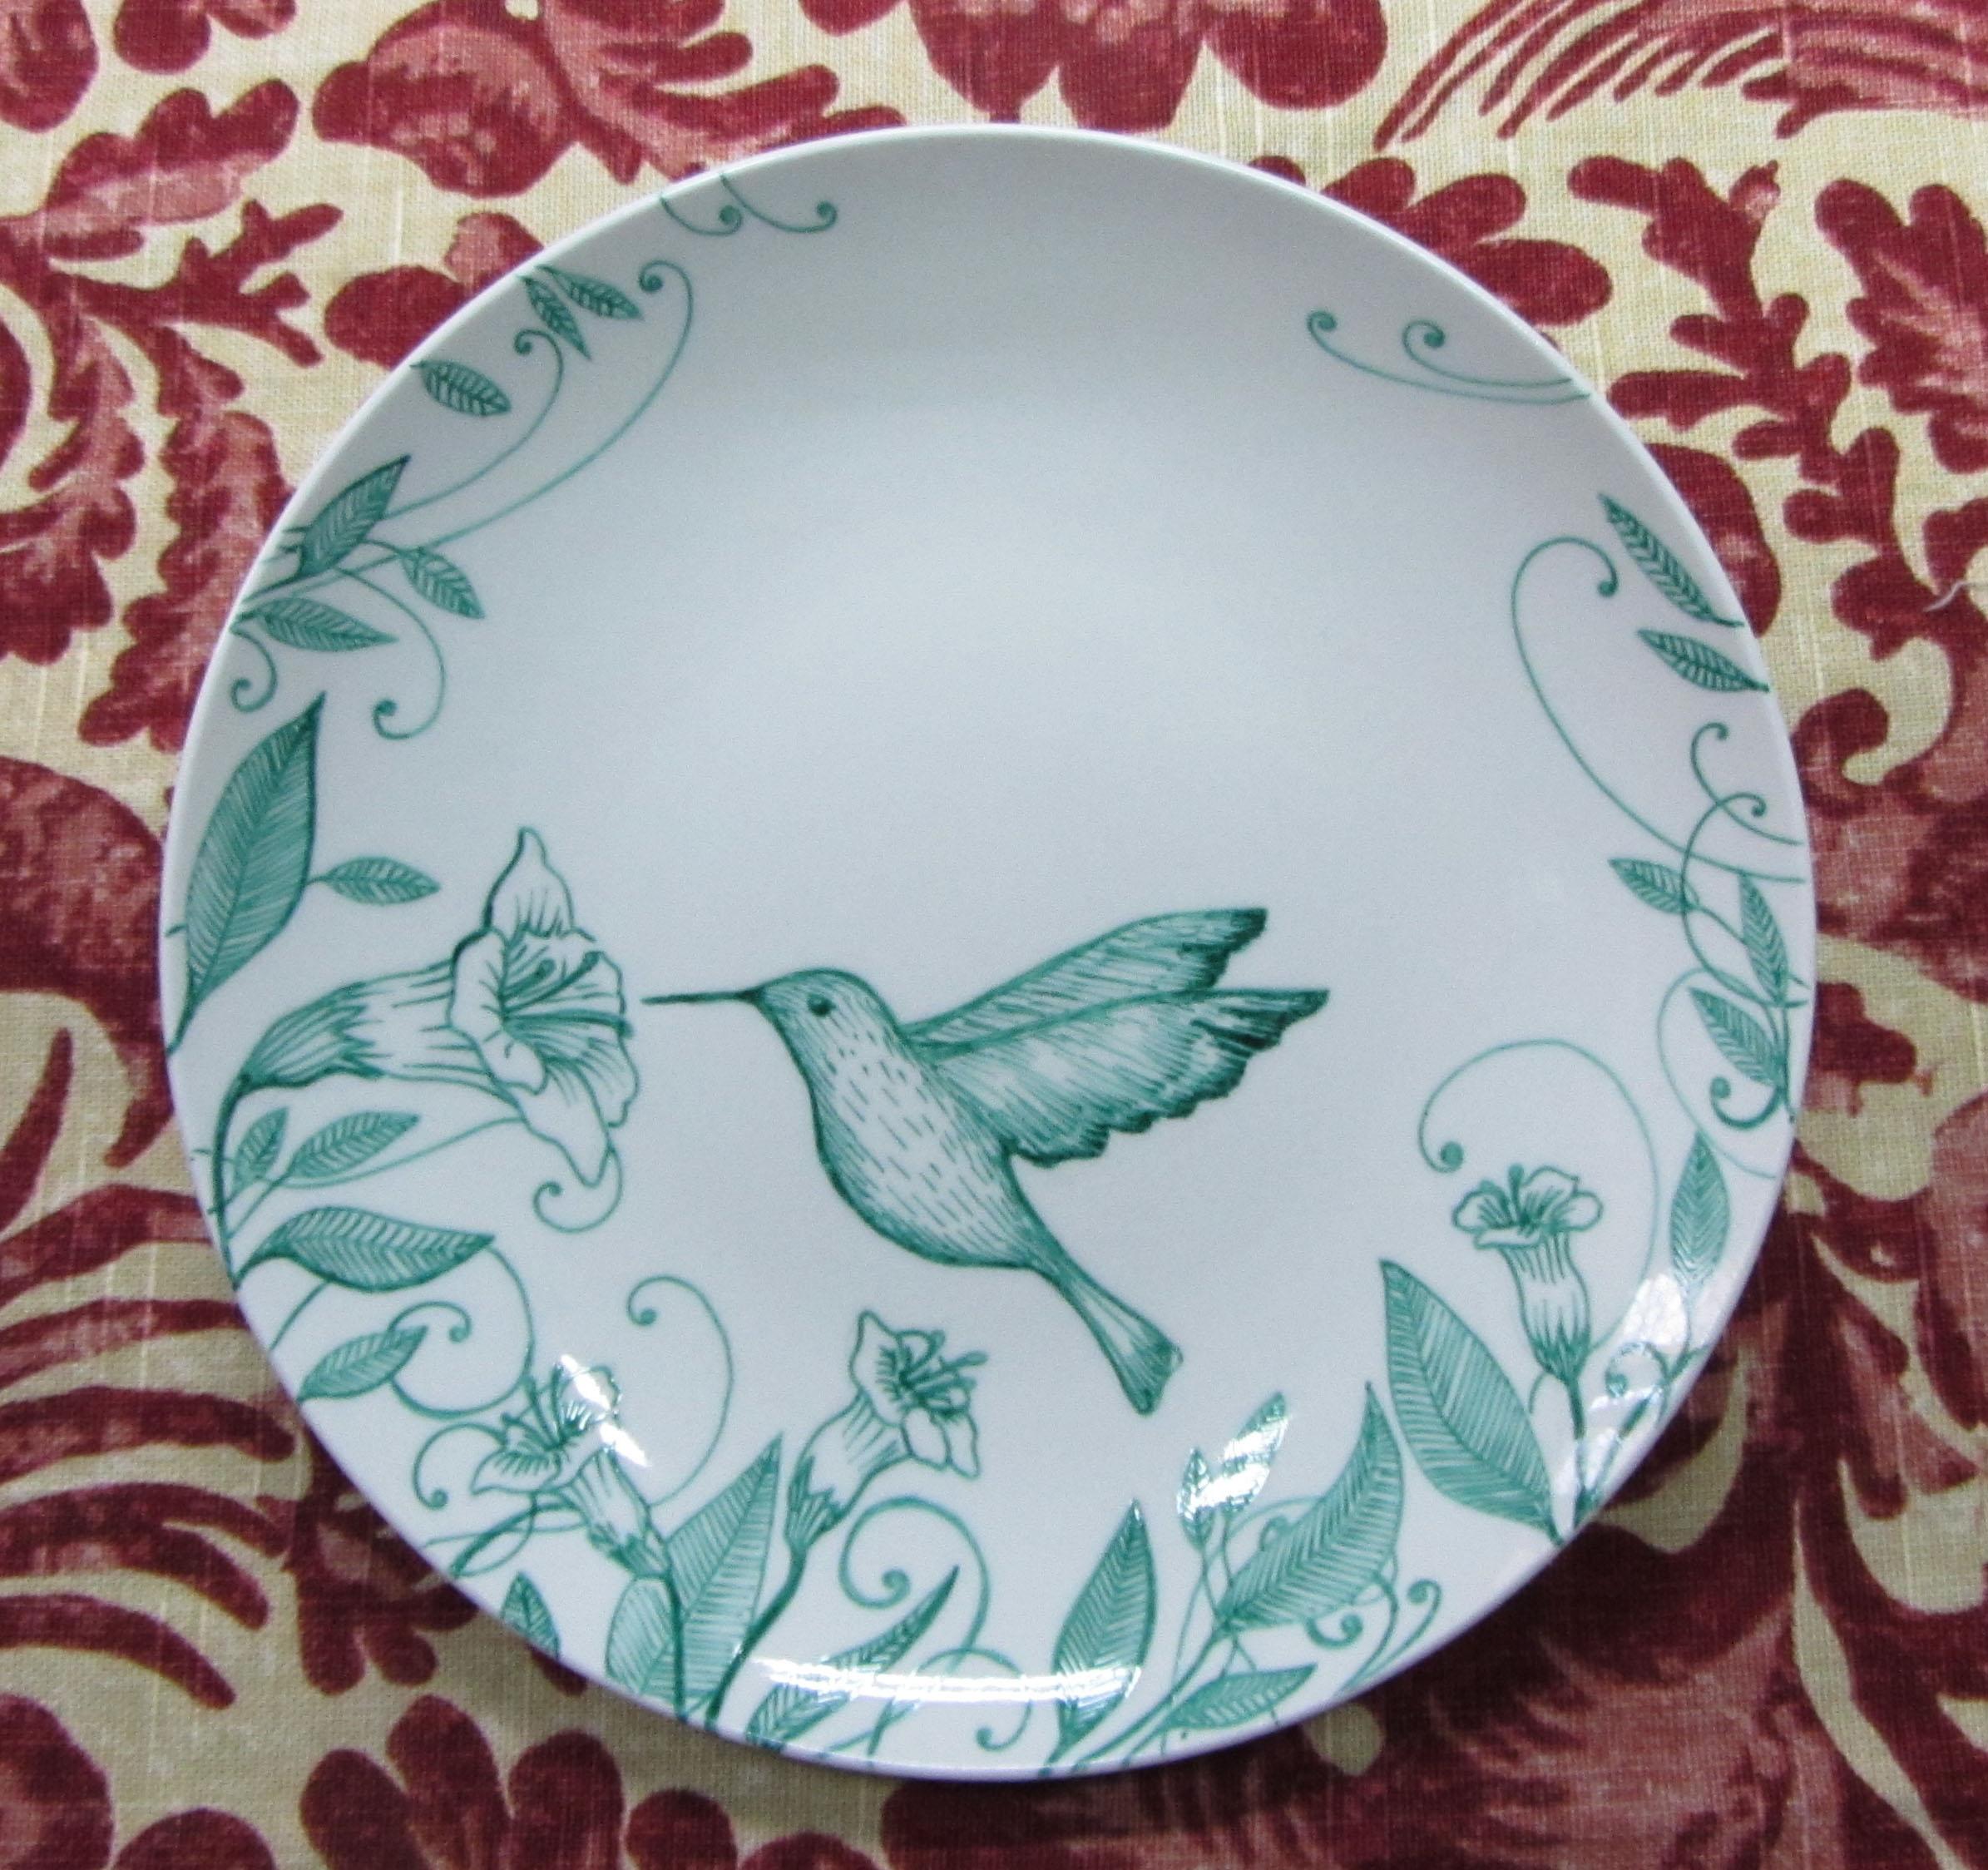 Plato colibrí